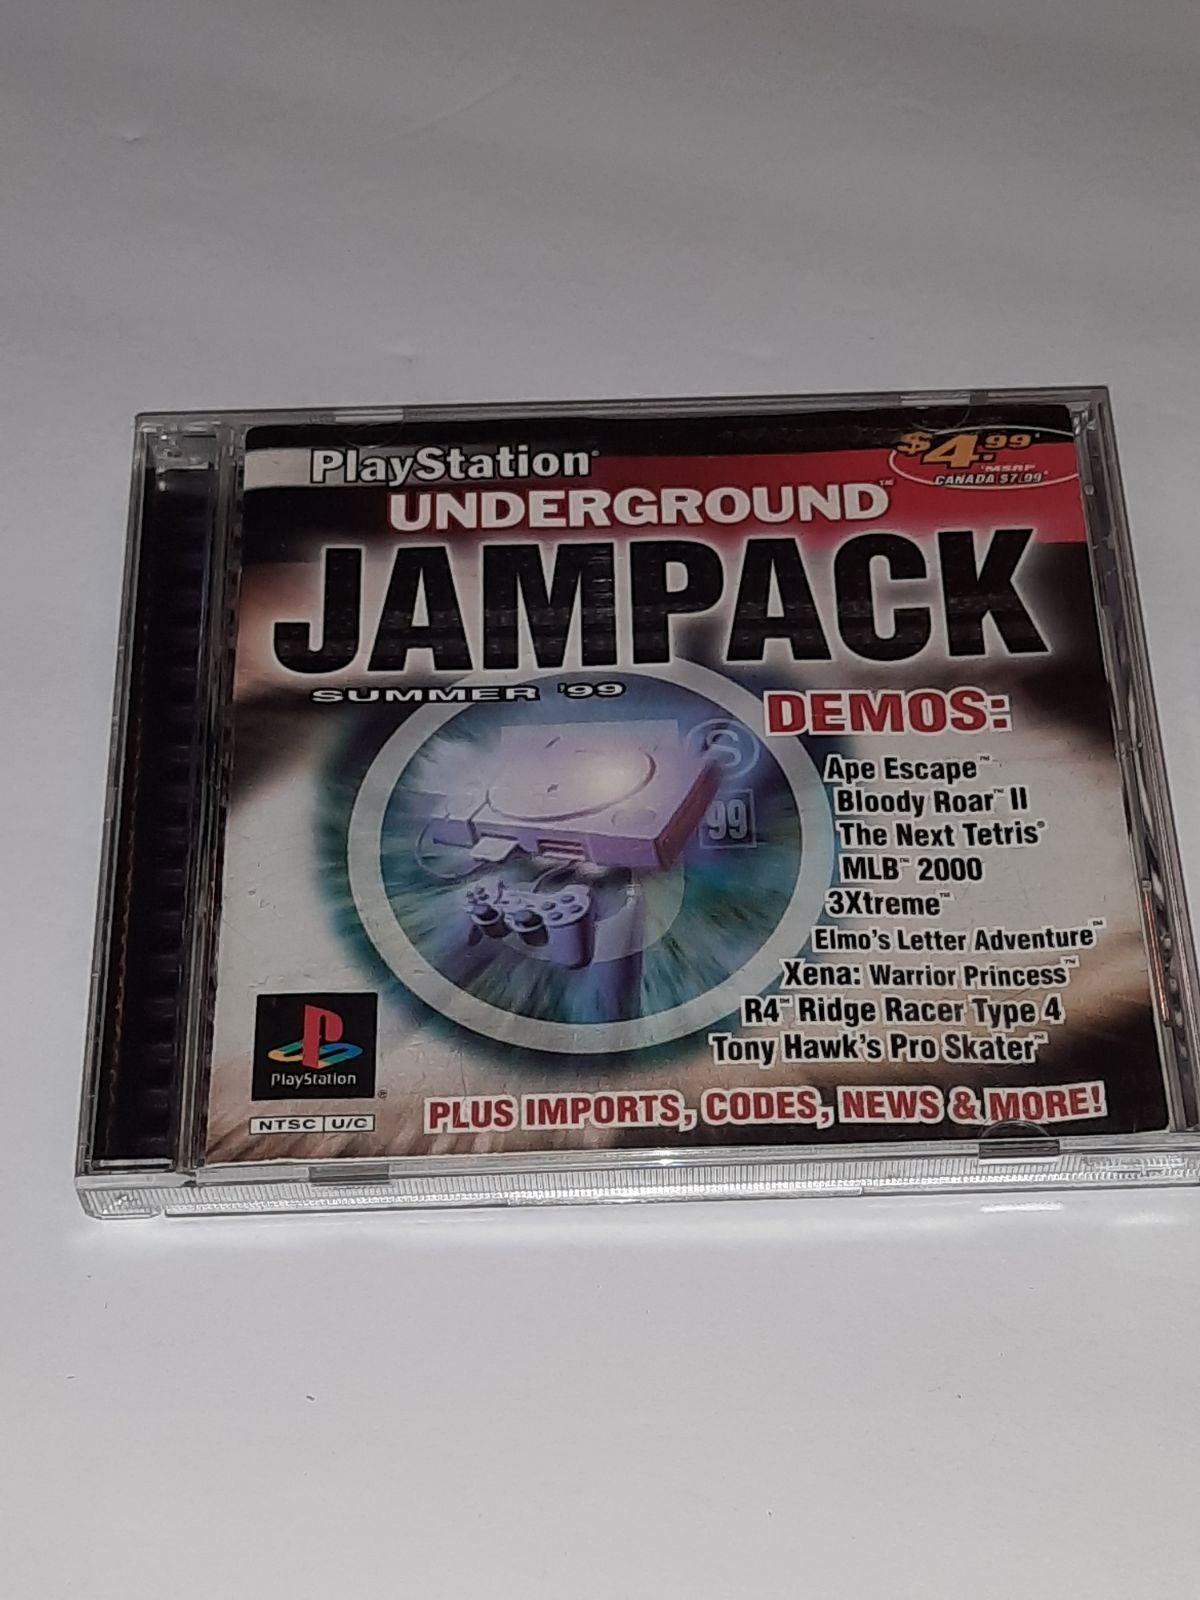 PS Underground Jampack Summer '99 Demos